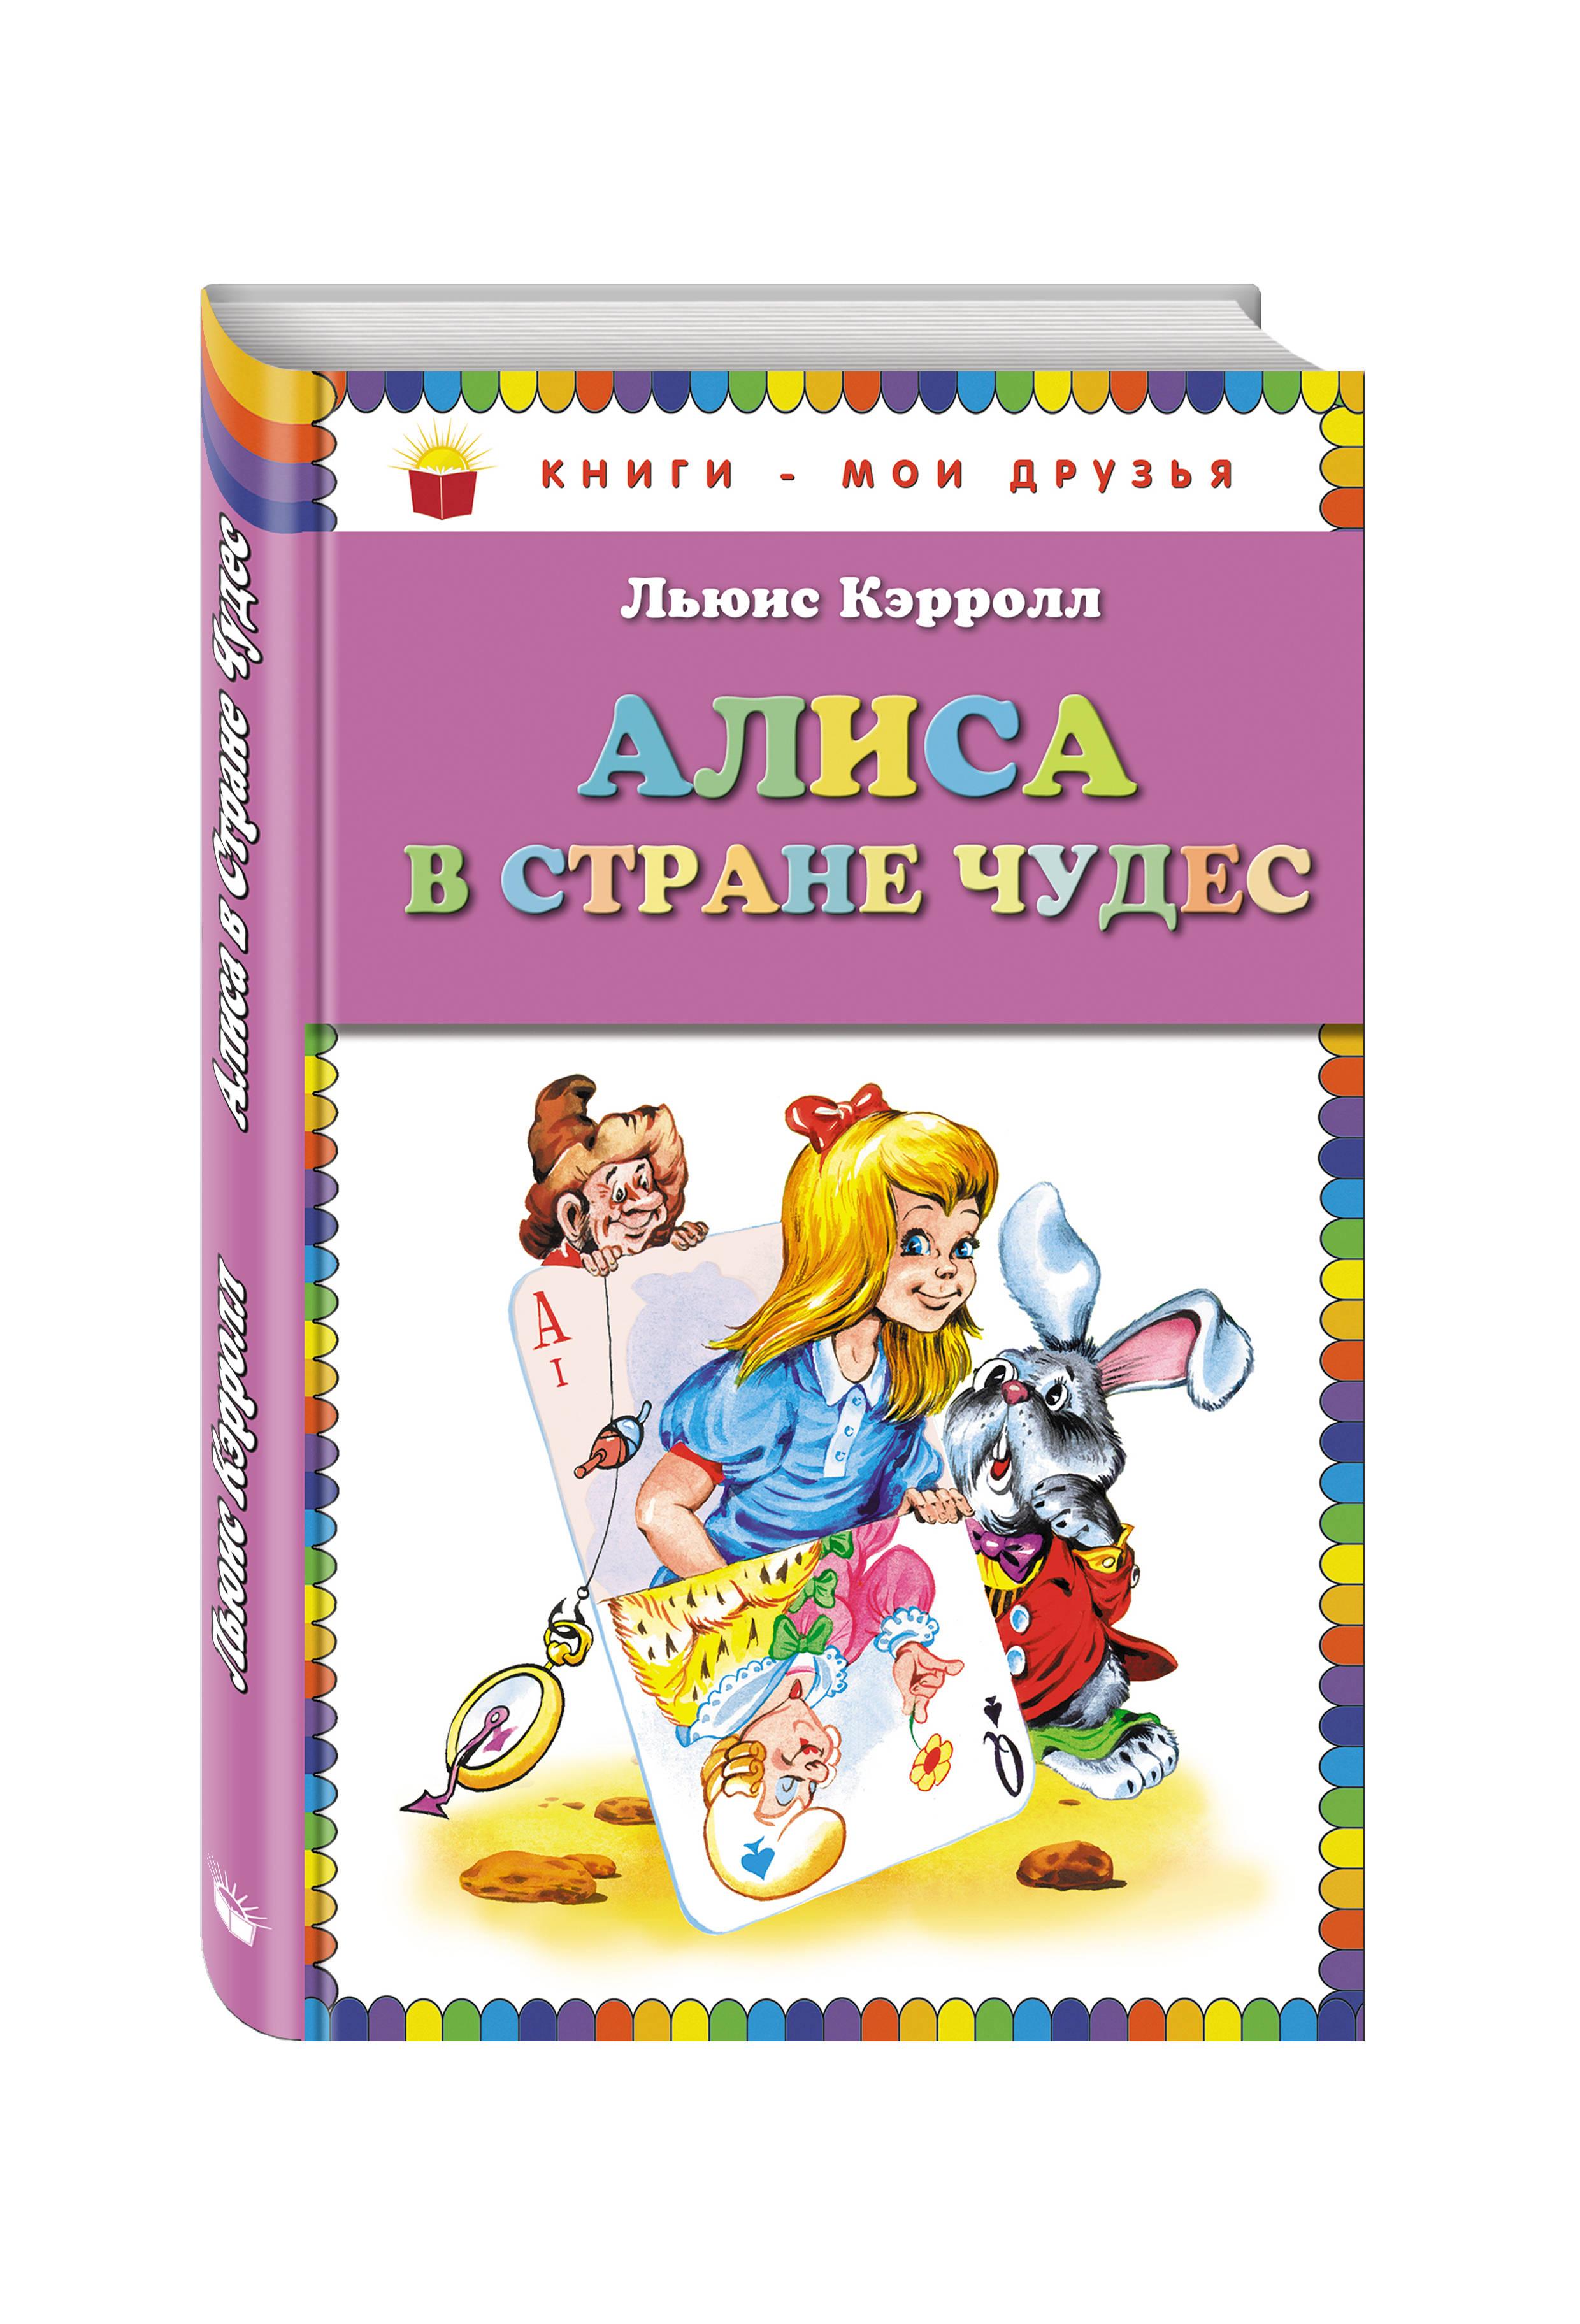 Алиса в Стране чудес_(ил. А. Шахгелдяна)